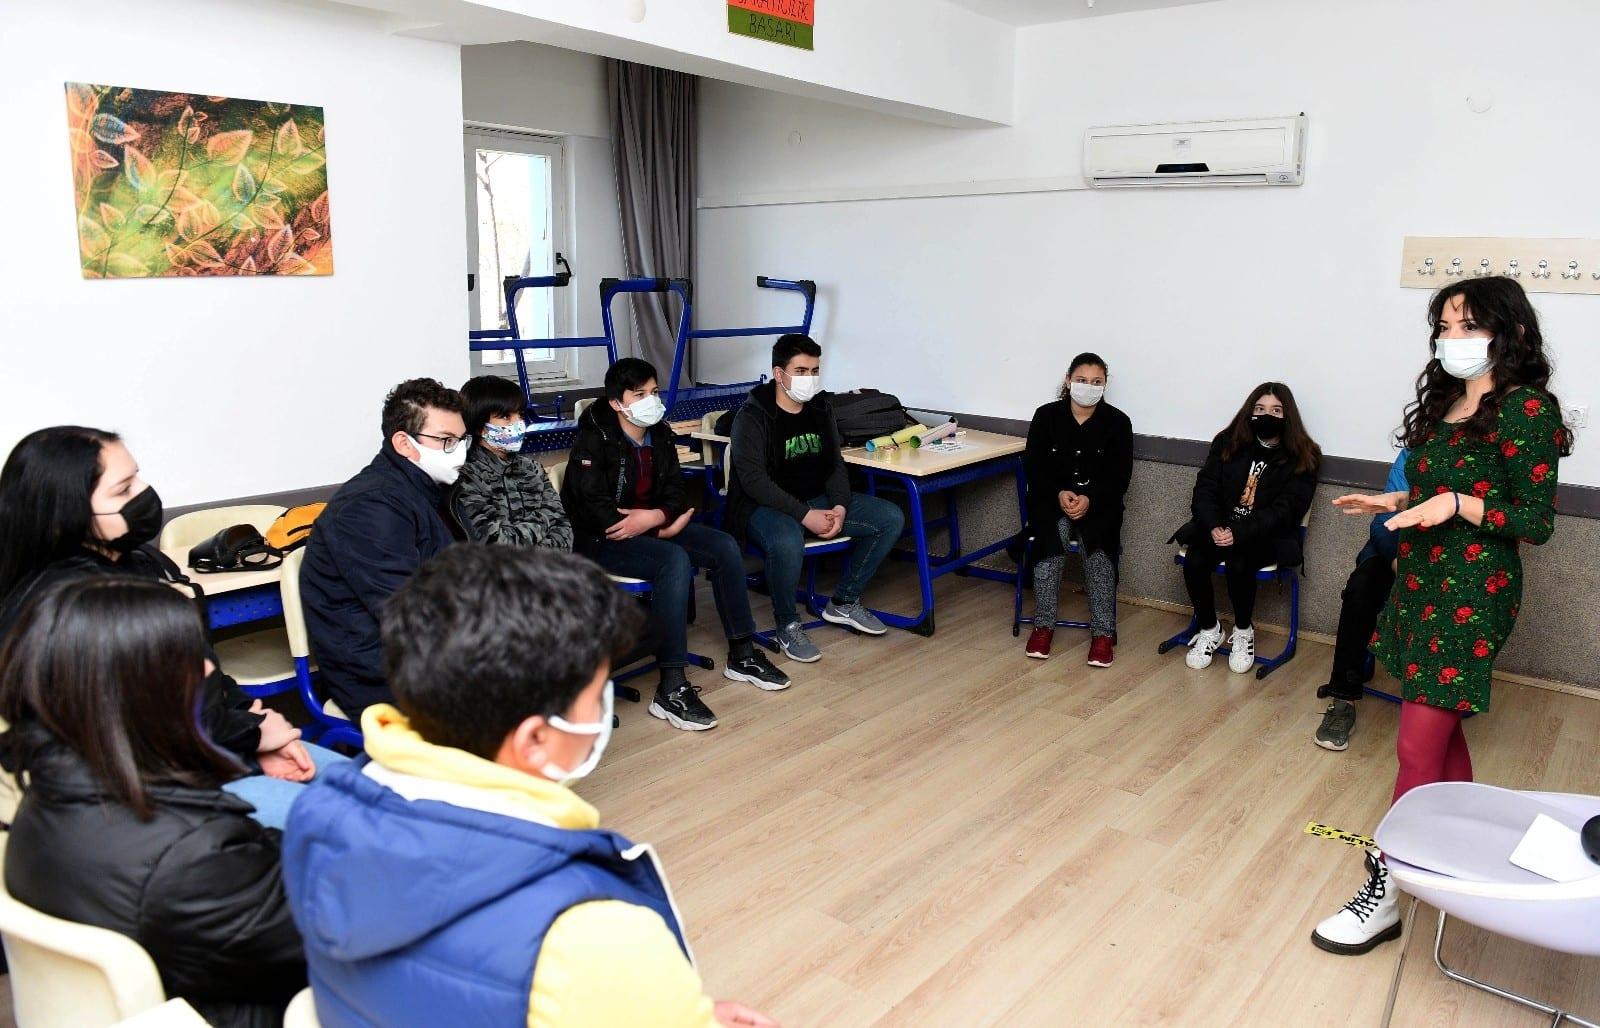 Antalya'da sınav stresiyle başa çıkmanın yolları anlatılıyor